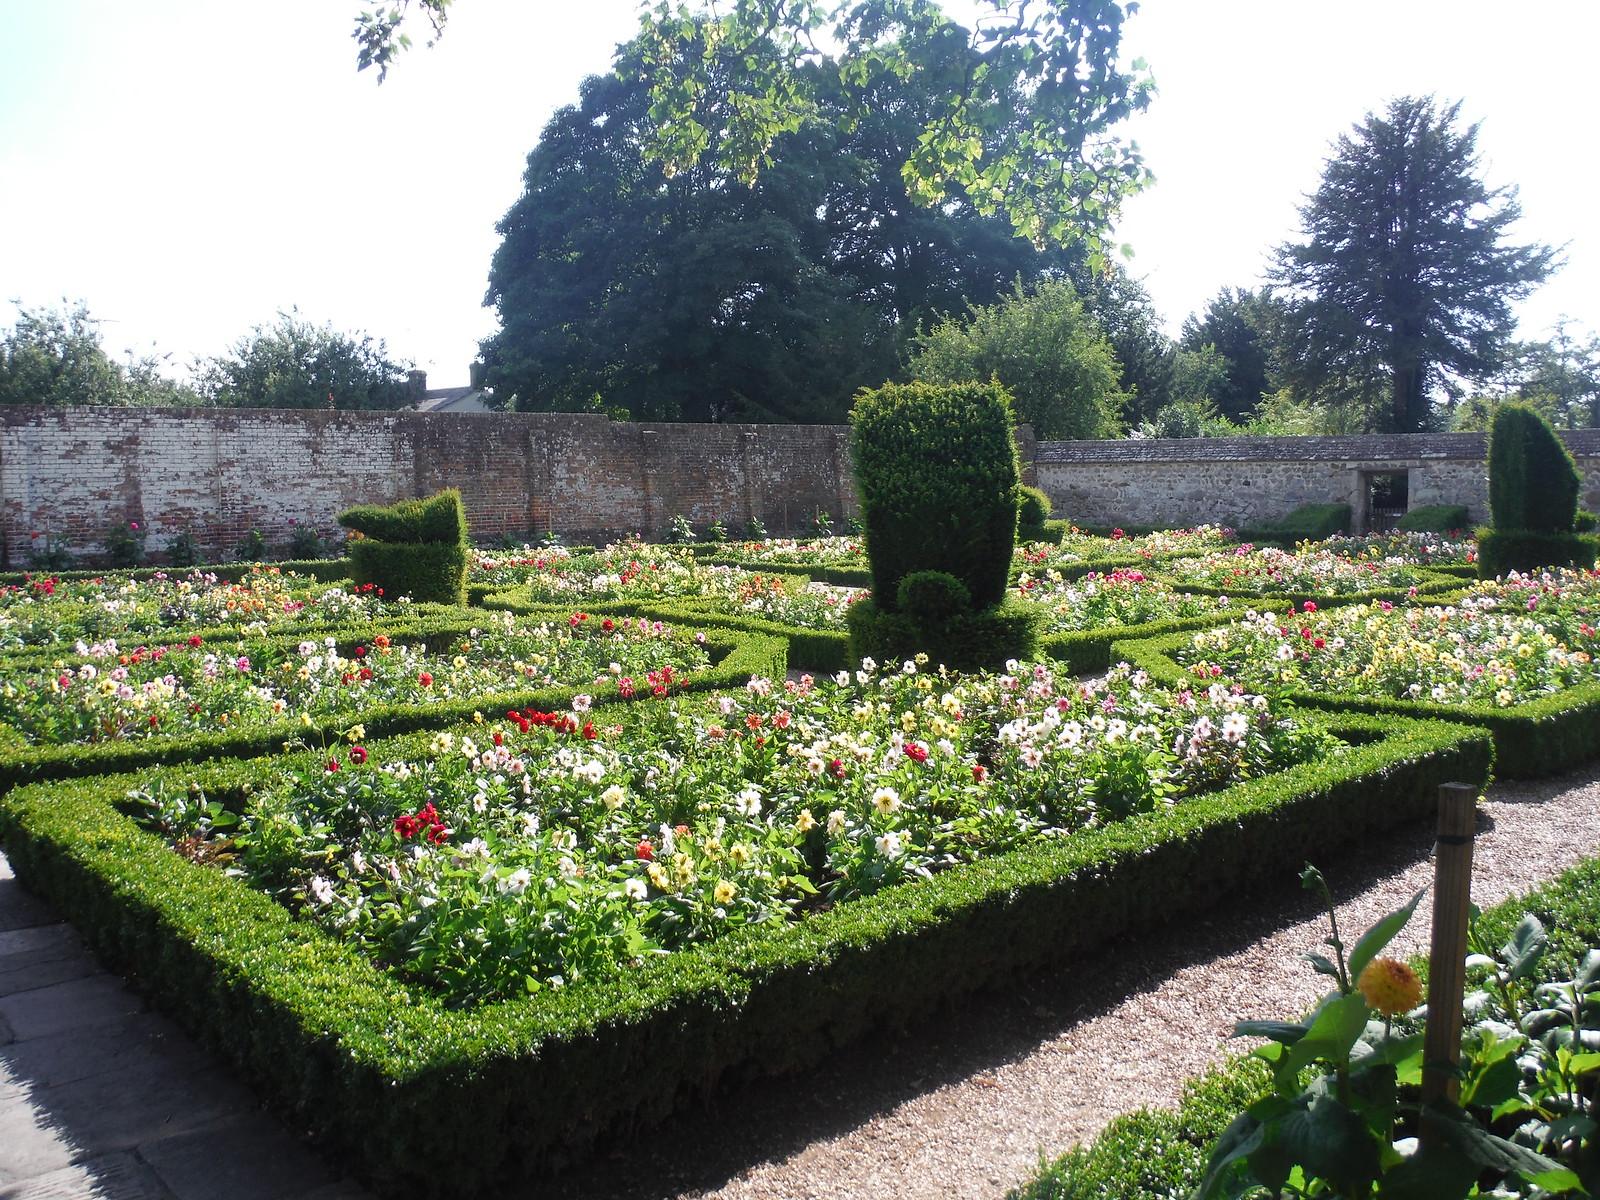 Avebury Manor House Garden SWC Walk 255 Pewsey or Marlborough Circular via Avebury